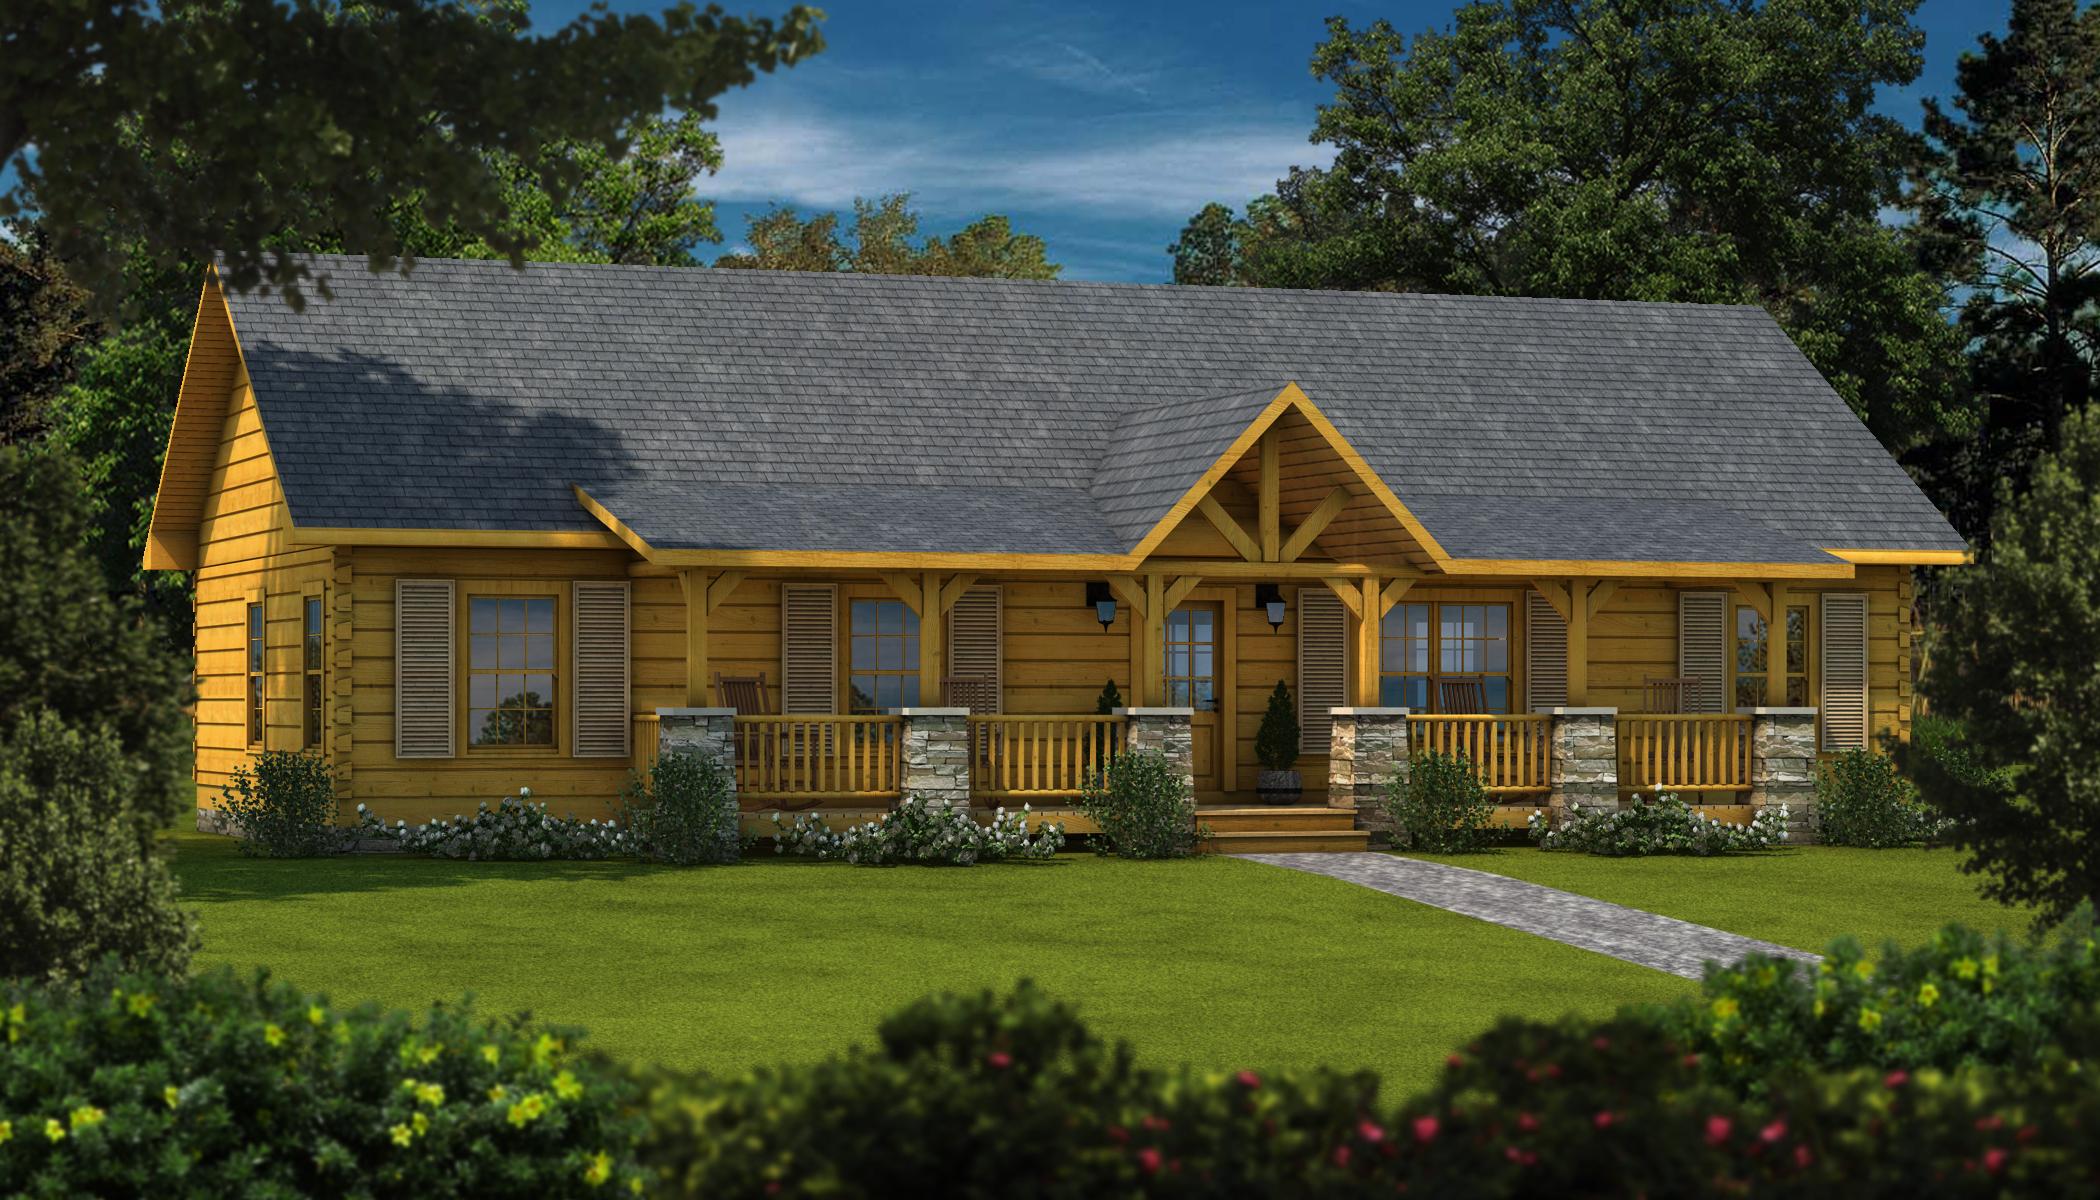 A Frame Cabin Plans 2 Bedroom A Frame Cabin Plans Free Do: Laurens II - Plans & Information